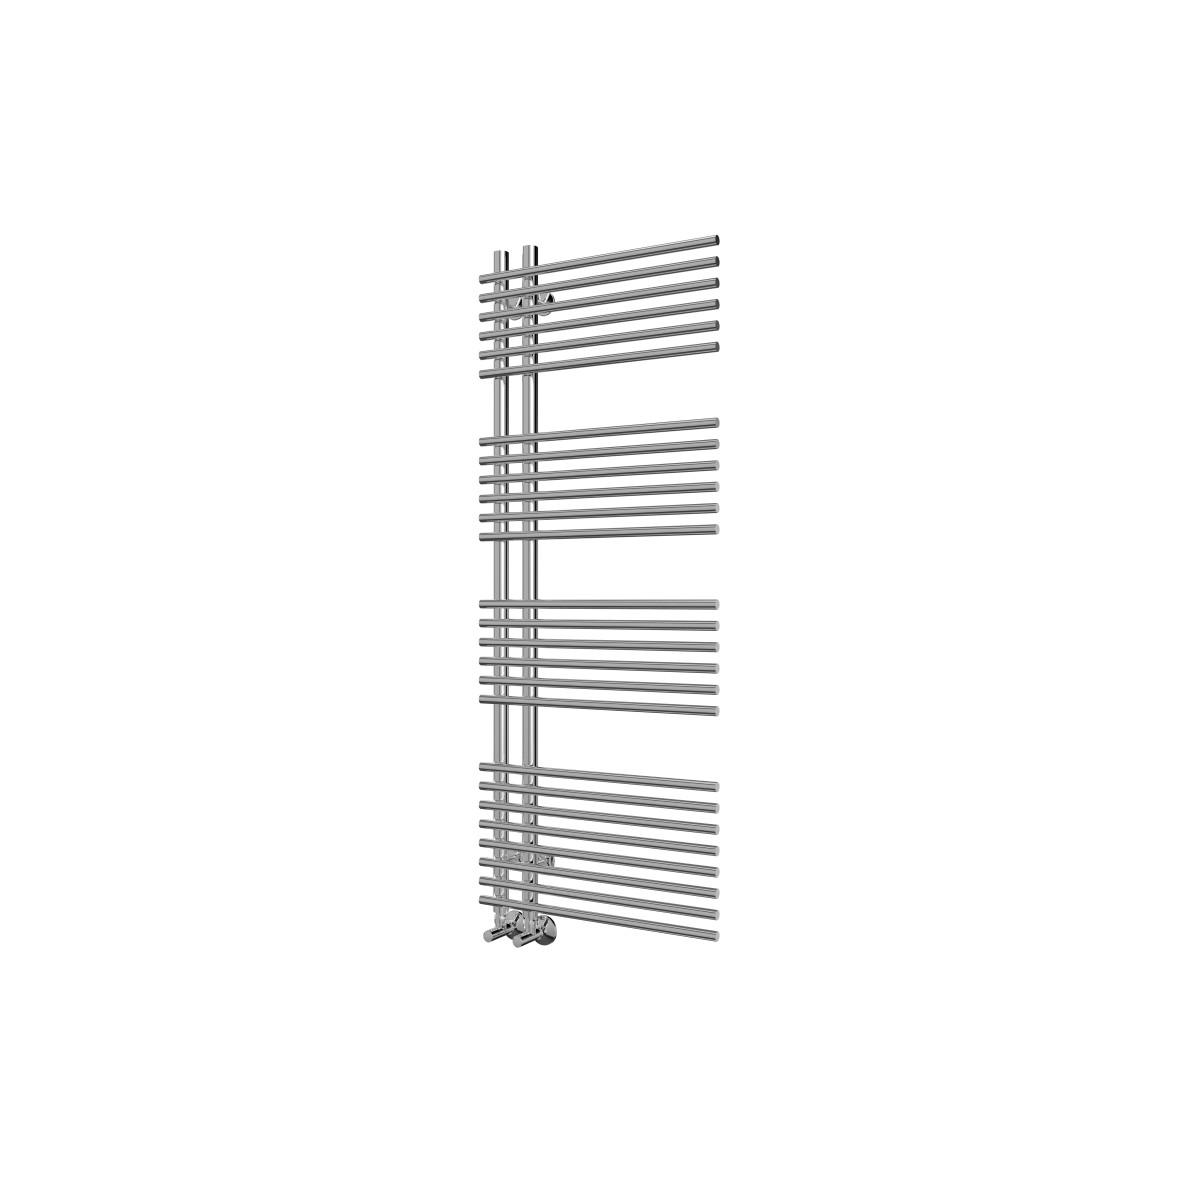 Полотенцесушитель водяной Спектра П26 112x50 см нержавеющая сталь 1